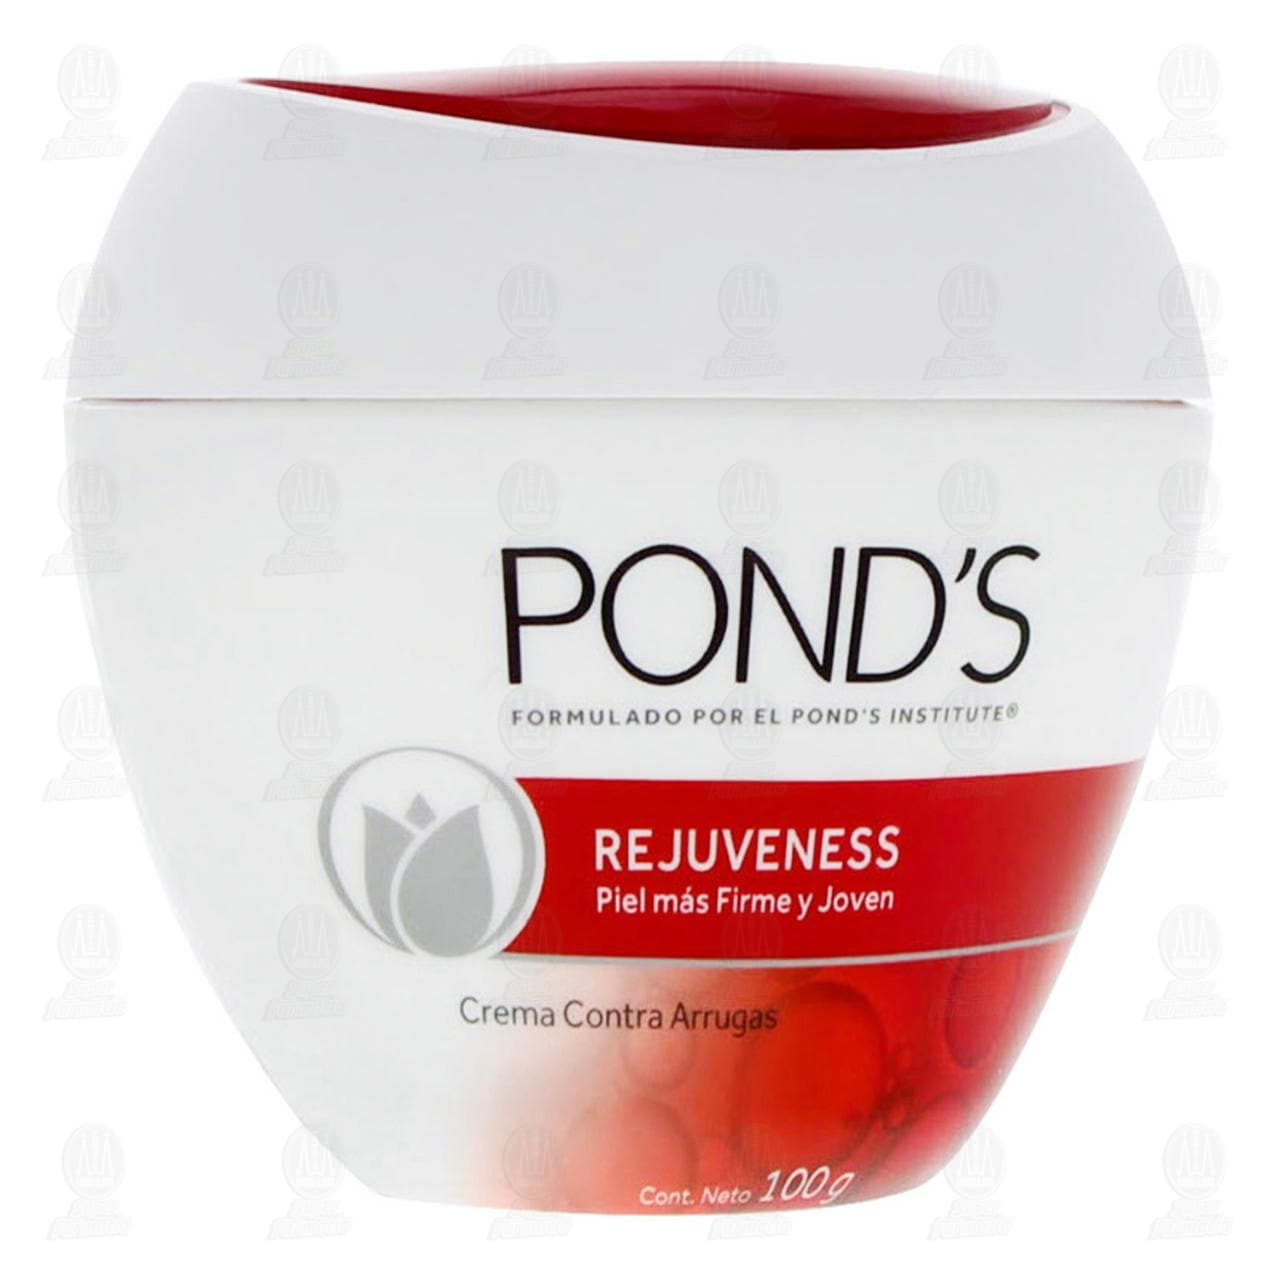 Comprar Crema Facial Pond's Rejuveness Piel Más Firme y Joven, 100 gr. en Farmacias Guadalajara